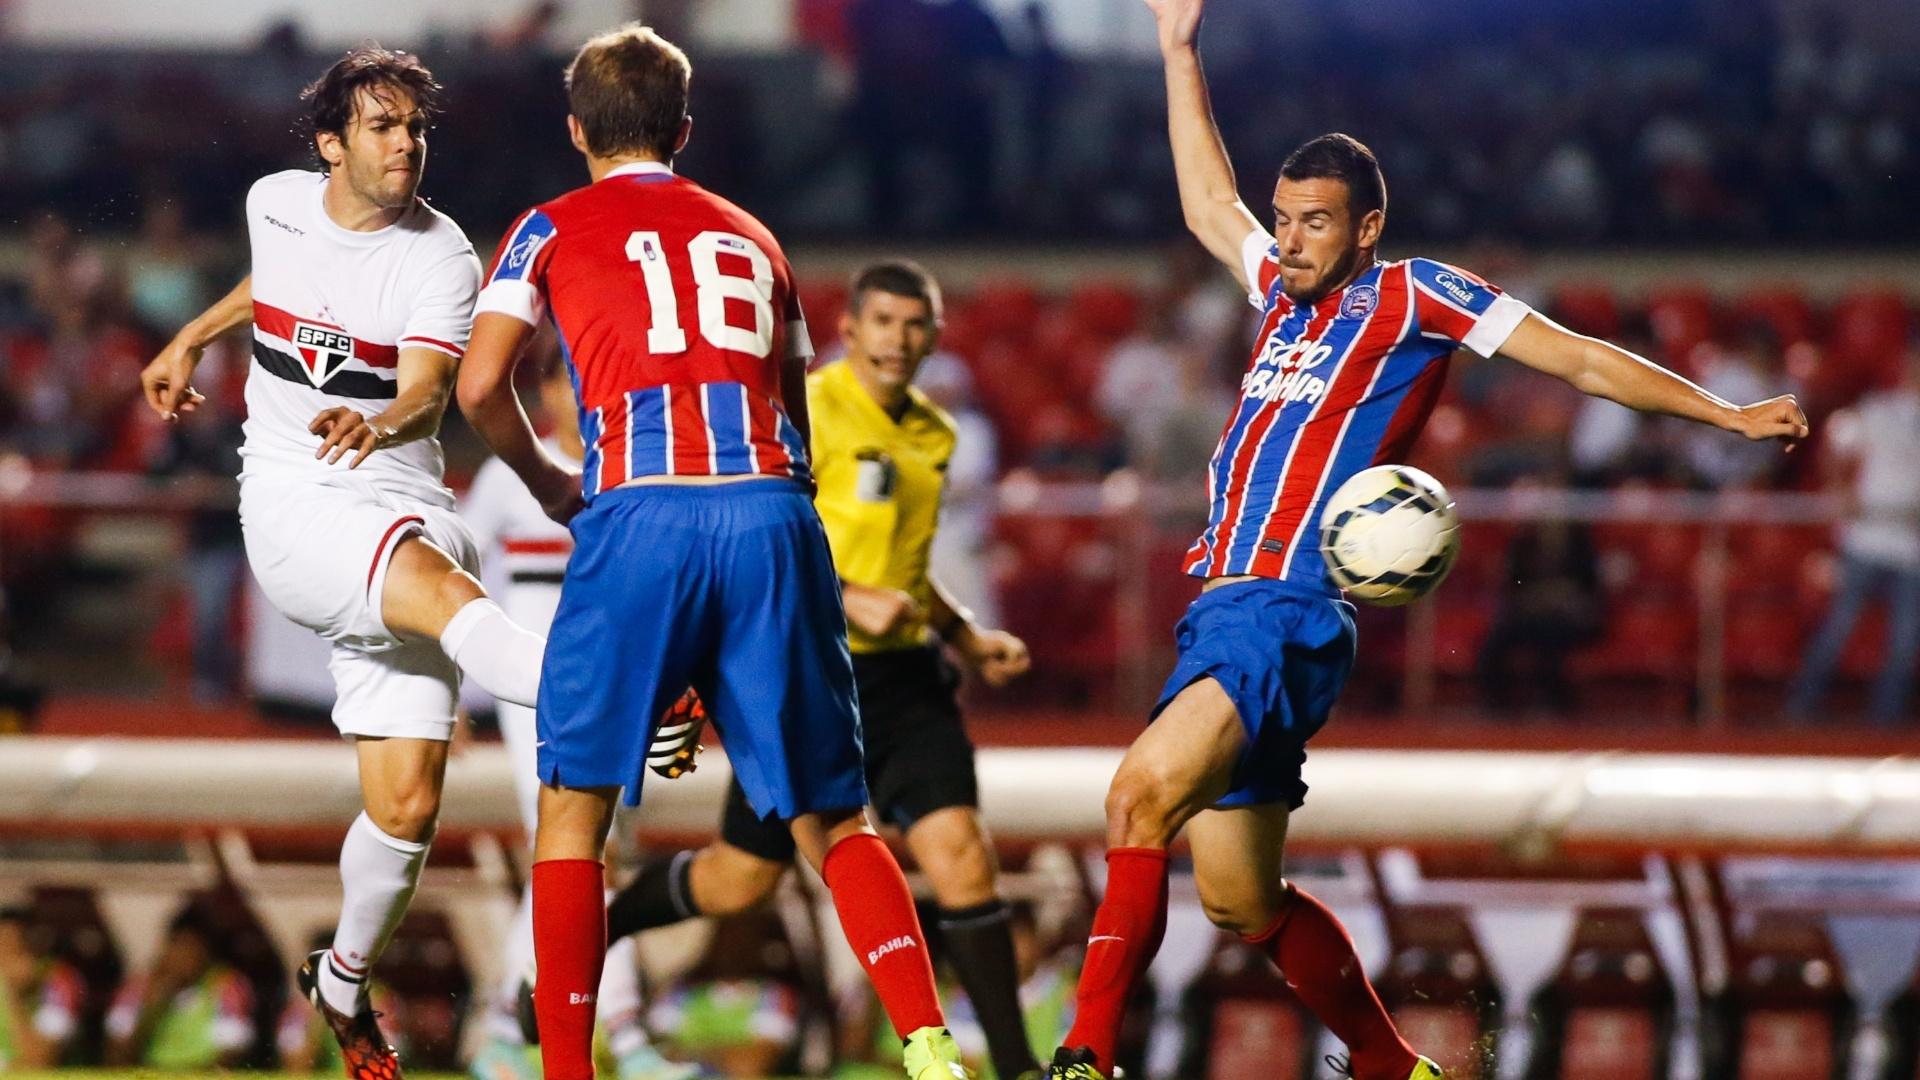 Kaká arrisca chute contra a marcação do Bahia